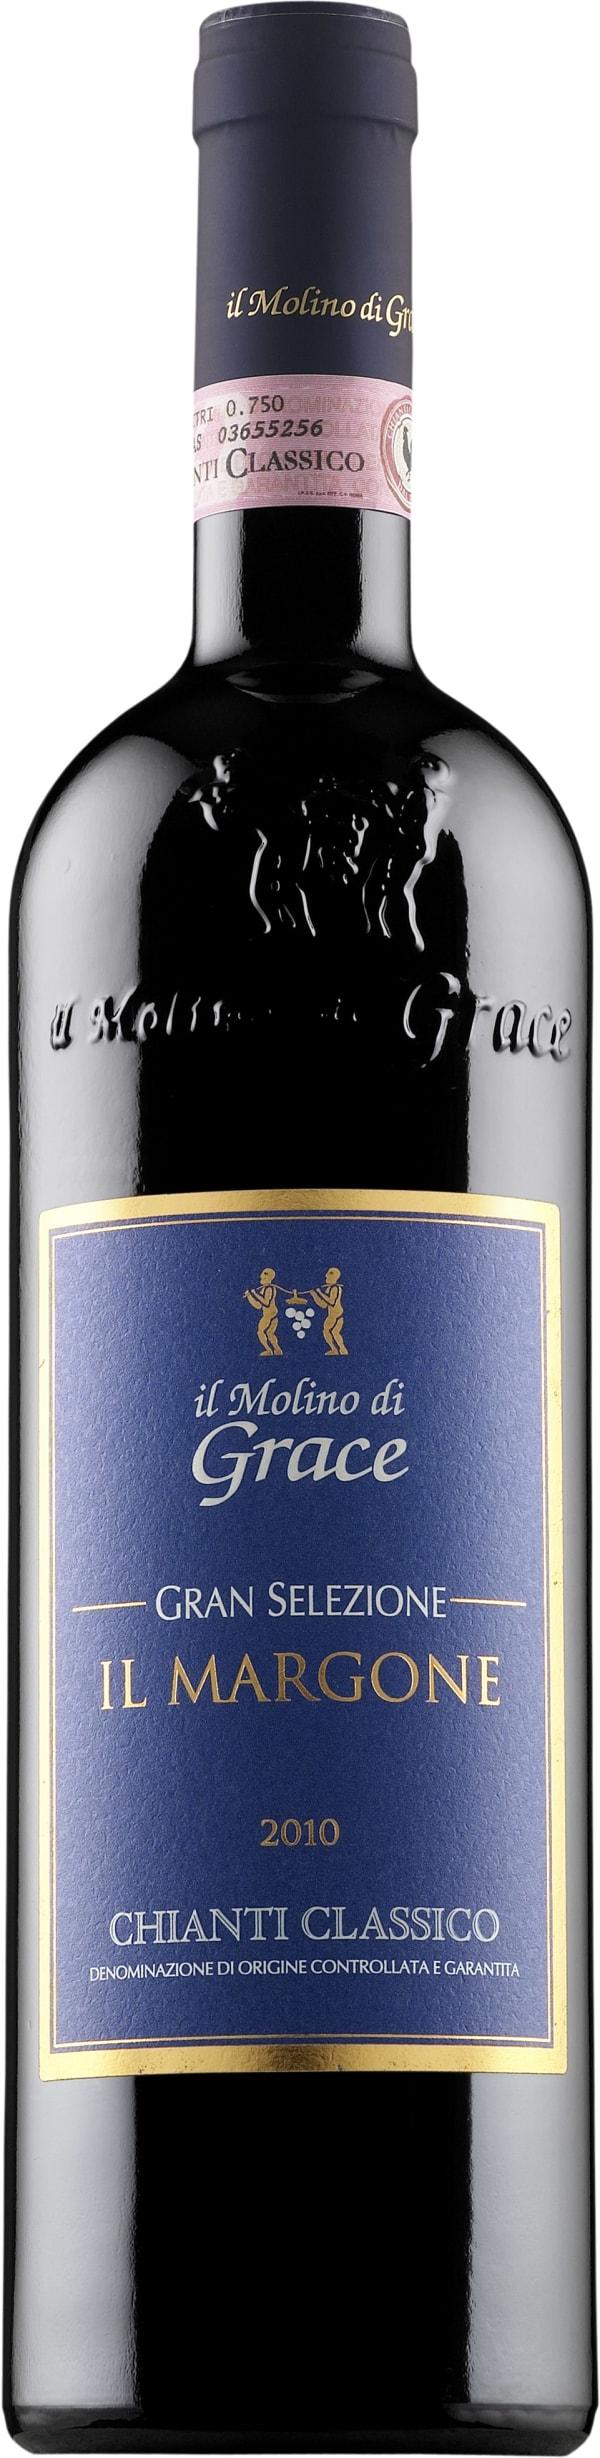 Il Molino di Grace Il Margone 2012